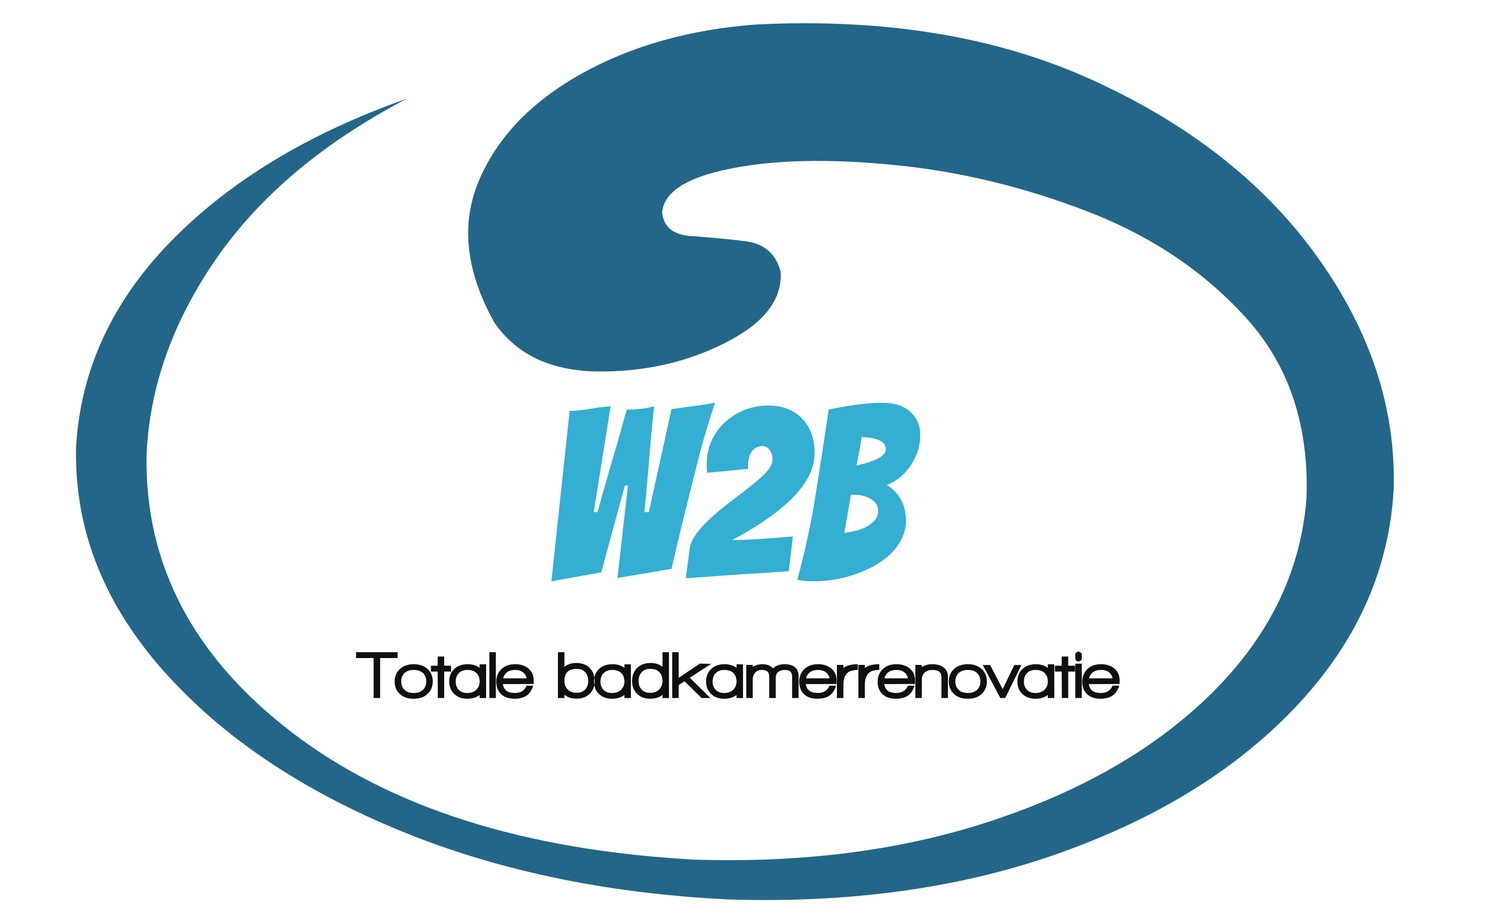 W2B Totale badkamerrenovatie logo